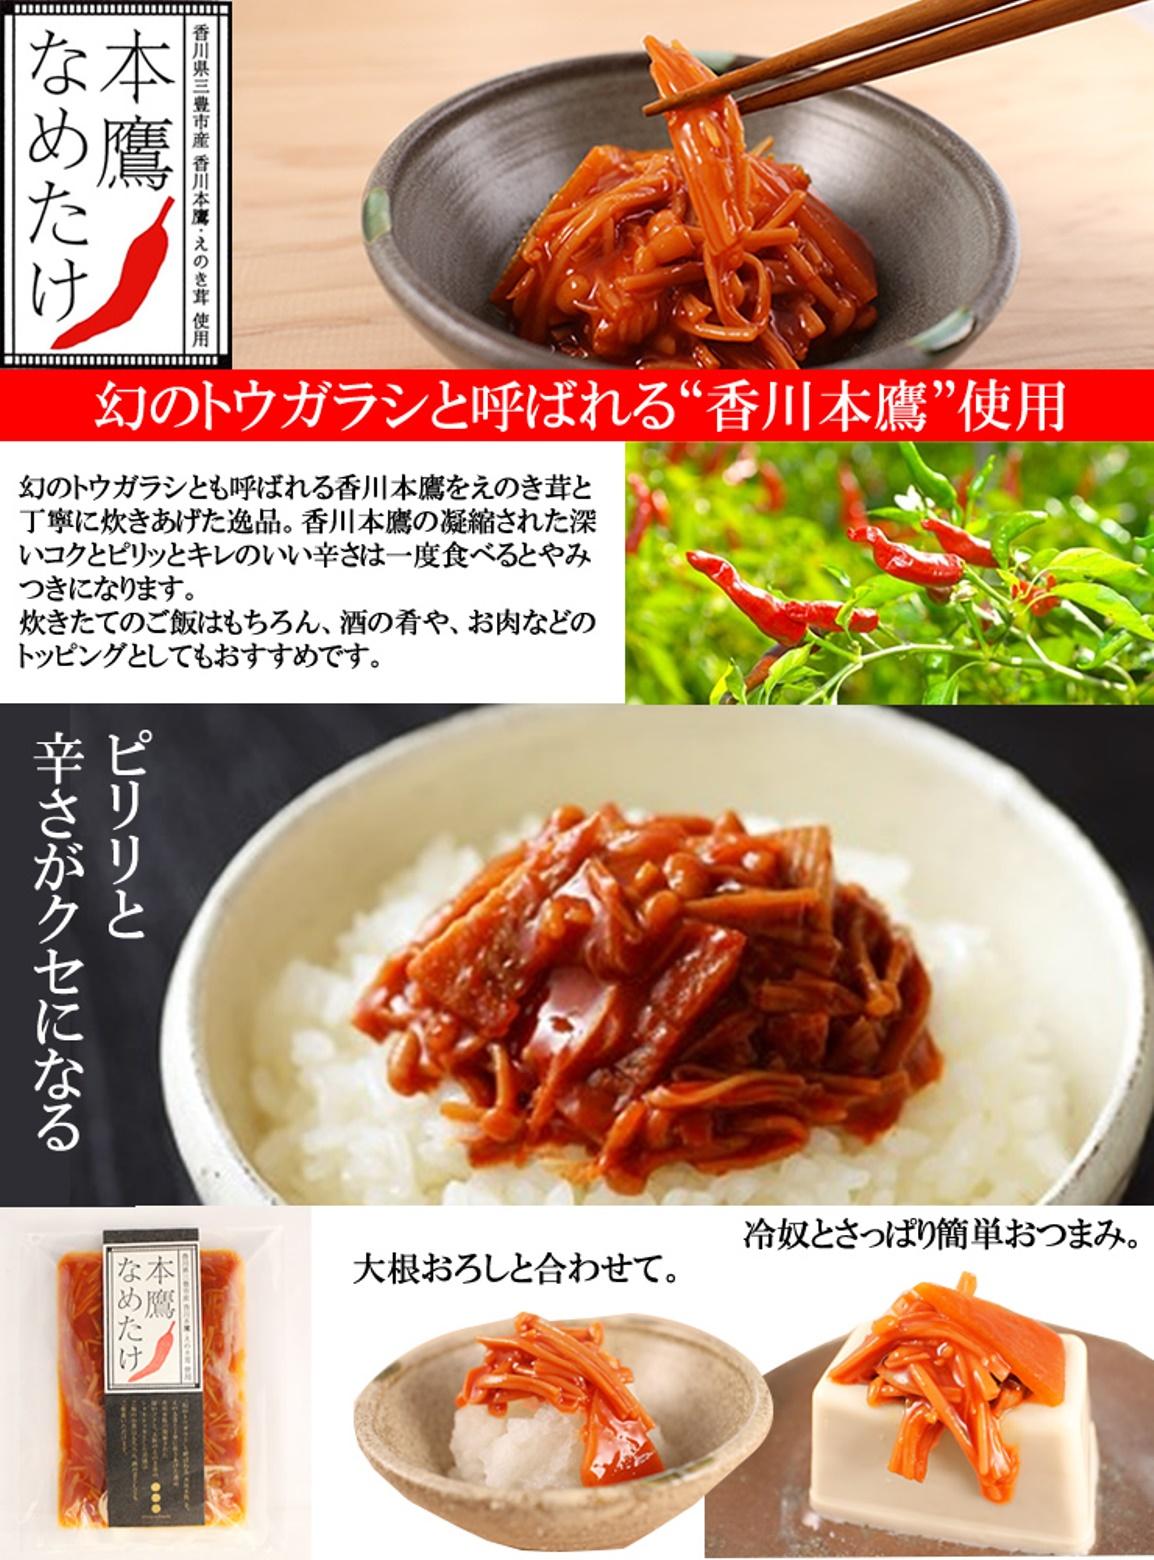 香川本鷹を使ったこだわりの逸品。えのき茸と丁寧に炊き上げることで、ピリッとした美味しいなめたけに仕上がりました!100g袋入りです。